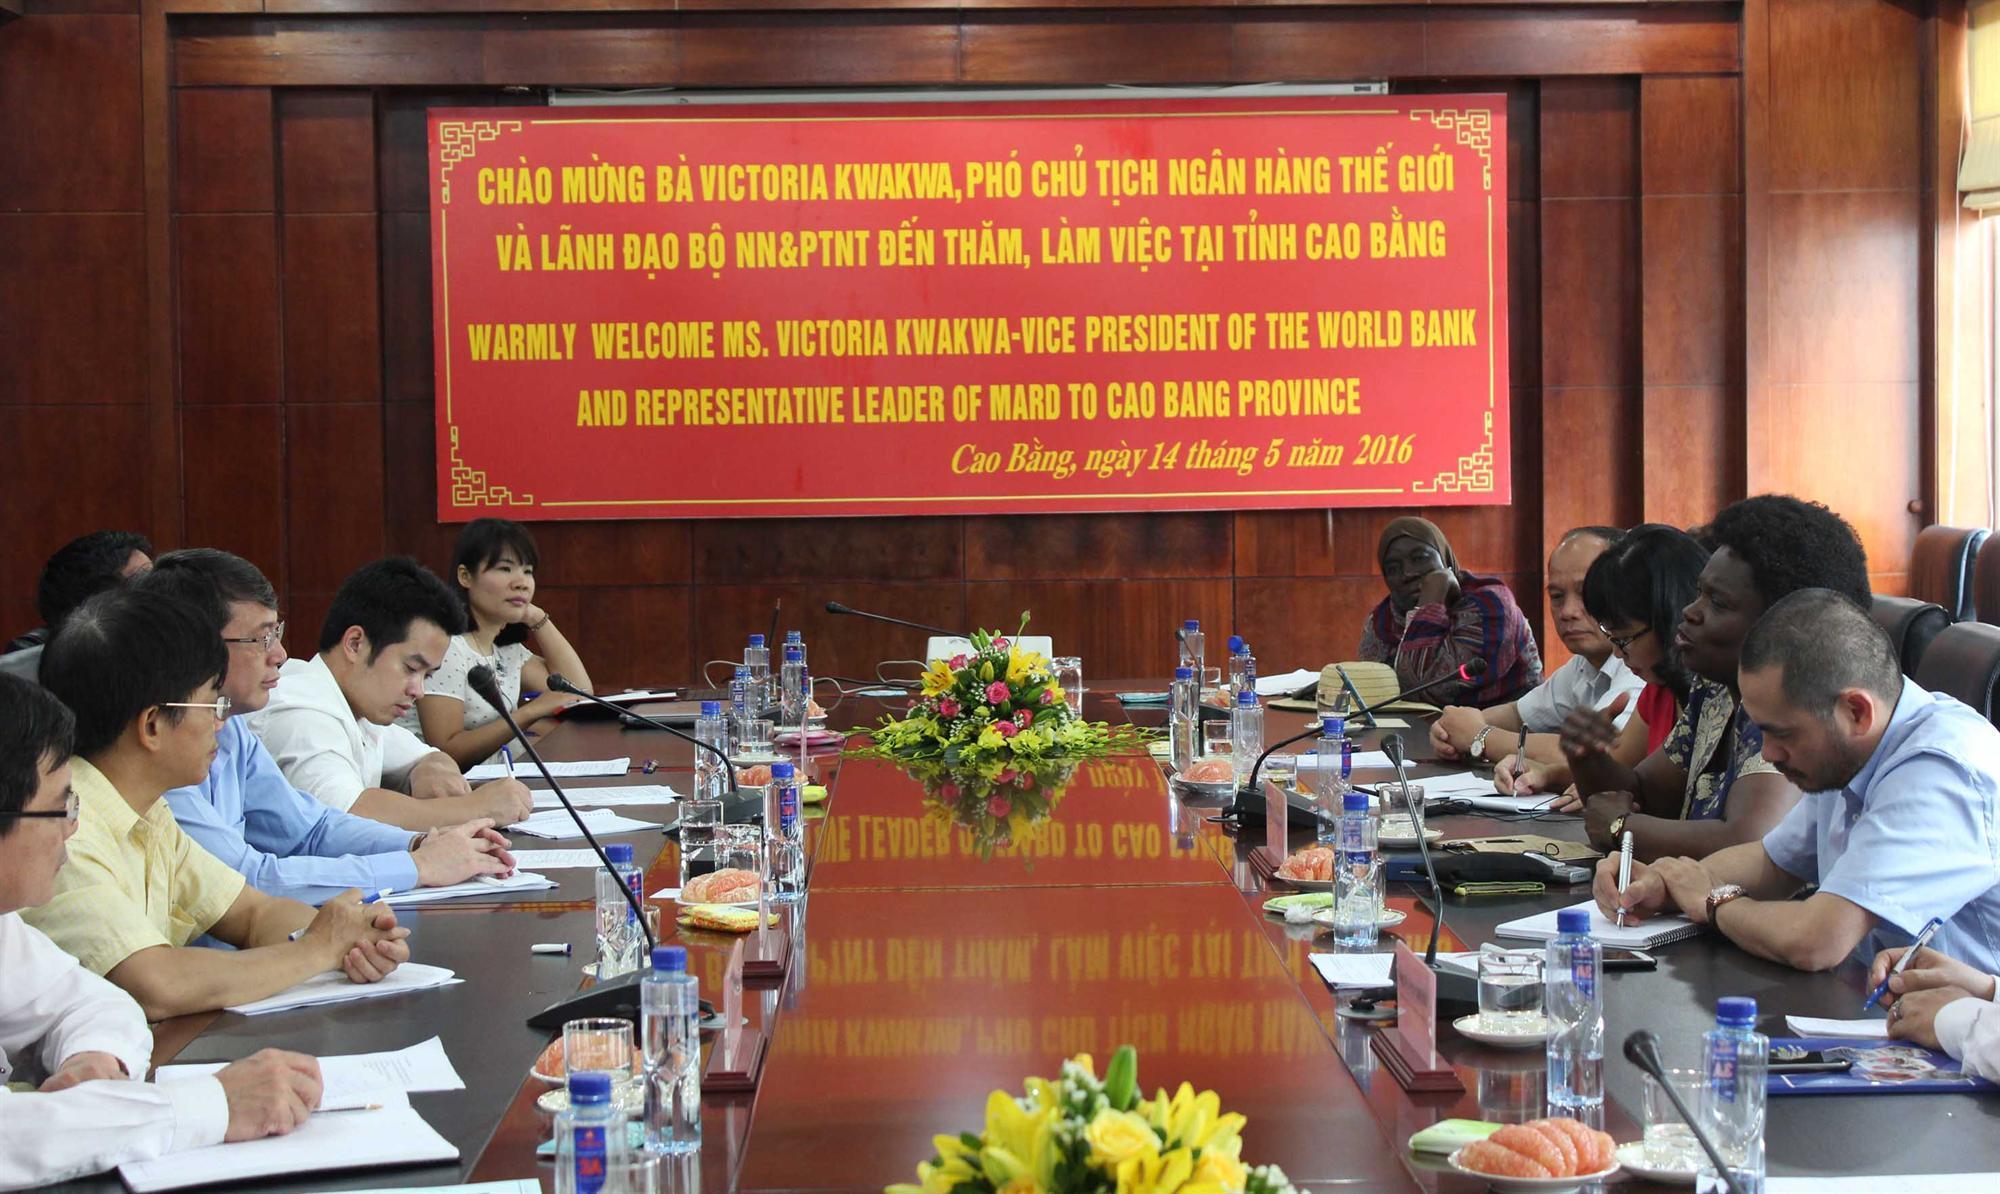 Phó Chủ tịch Ngân hàng Thế giới và Thứ trưởng Bộ Nông nghiệp và Phát triển nông thôn thăm và làm việc tại Cao Bằng